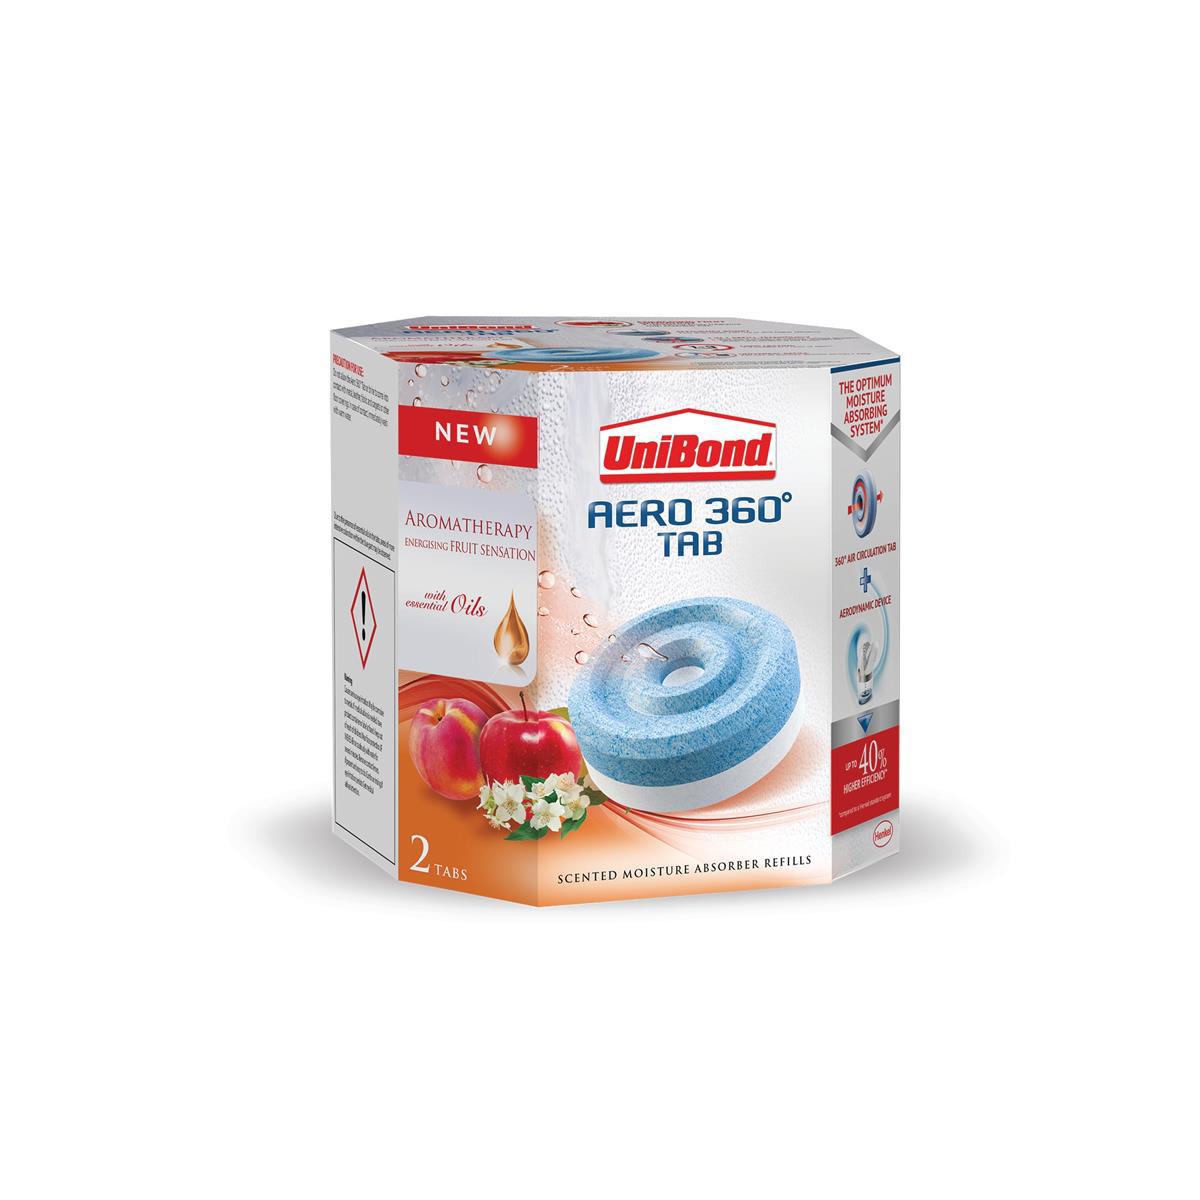 UniBond Aero 360 Moisture Absorber Refill Fruit Sense Ref 2091538 Pack 2